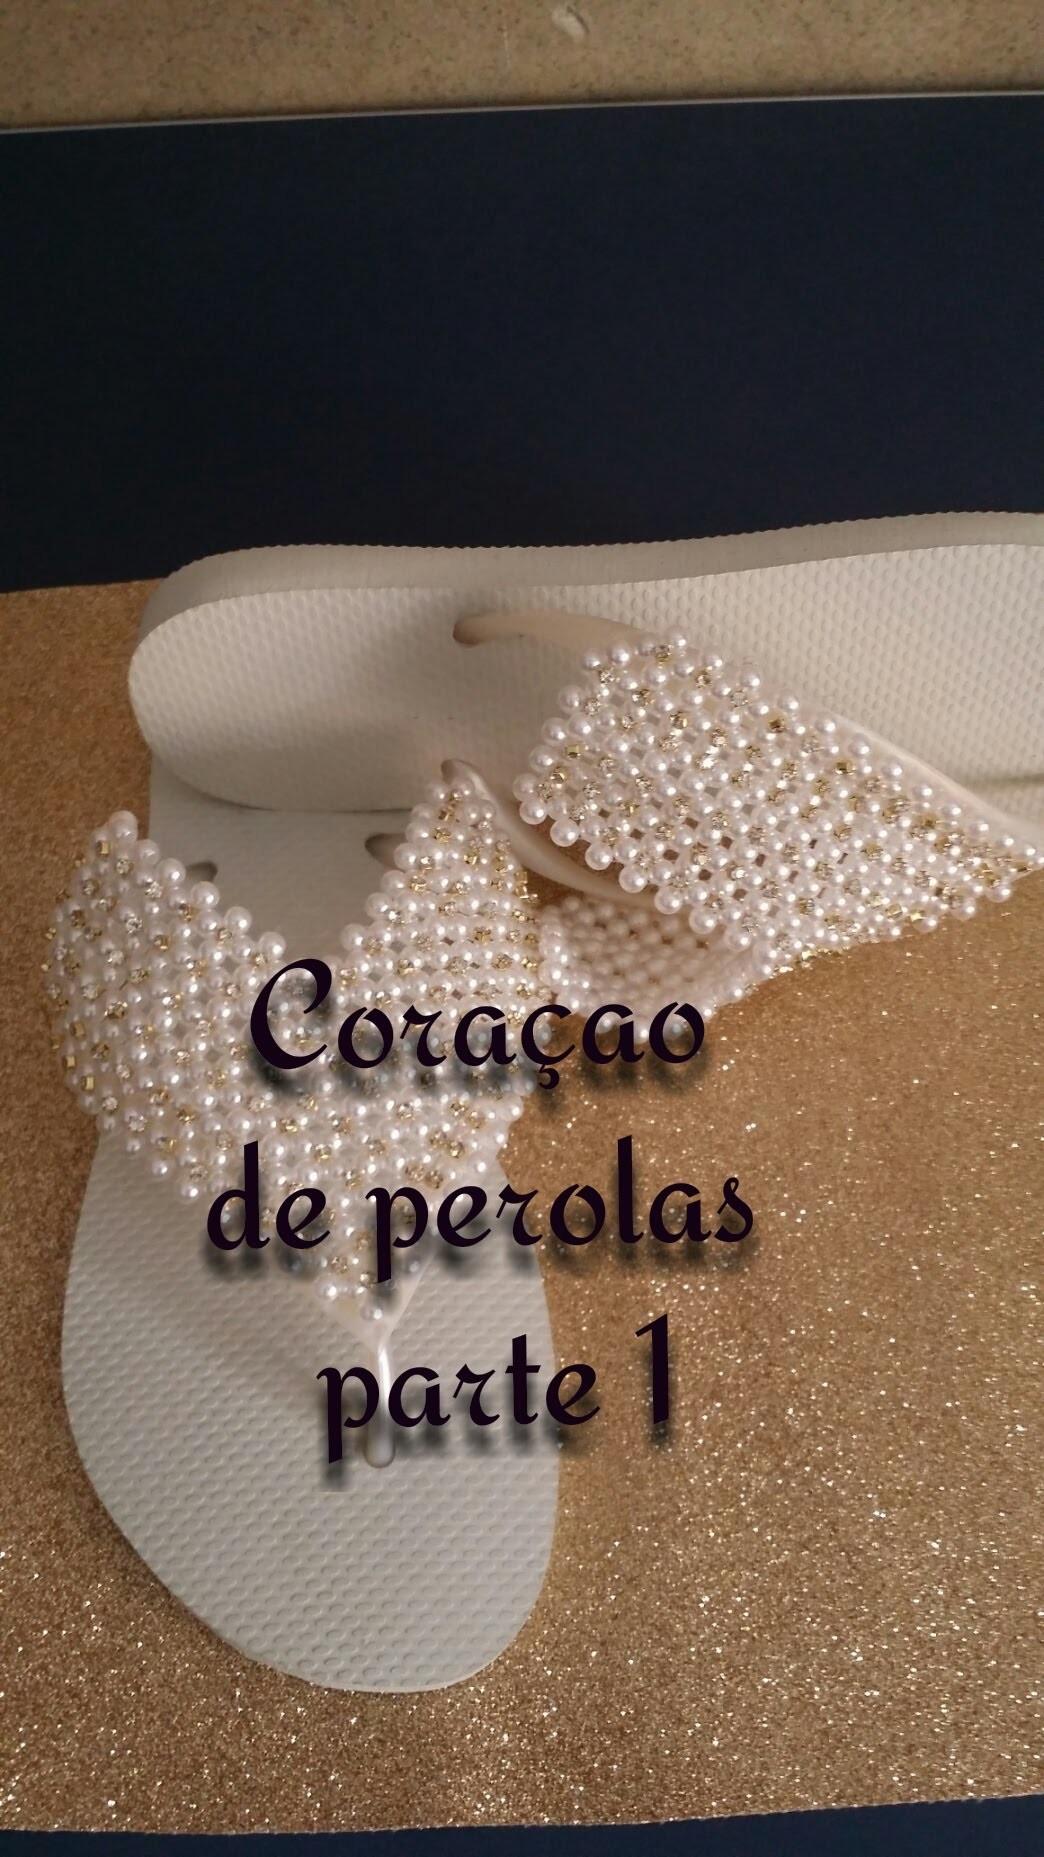 PARTE 1 CORAÇÃO DE PÉROLAS